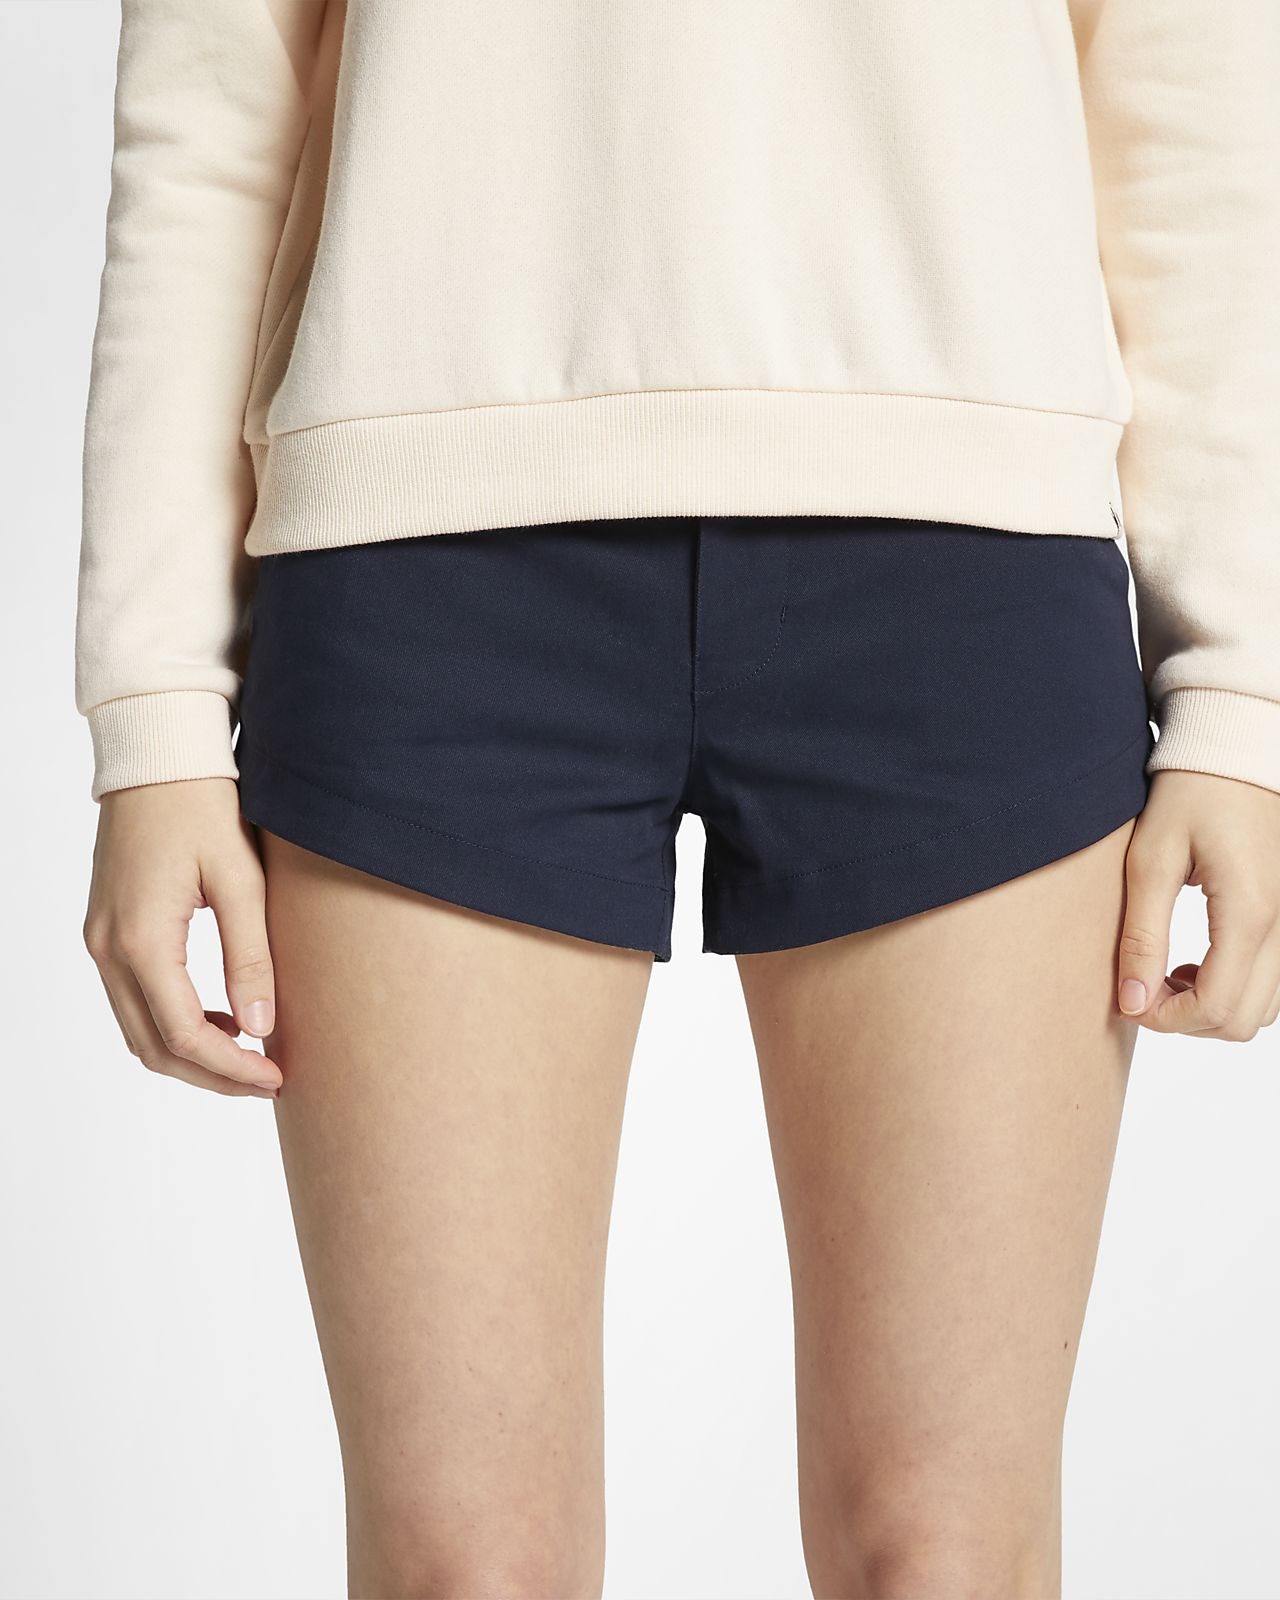 Hurley Lowrider Pantalons curts Chino - Dona